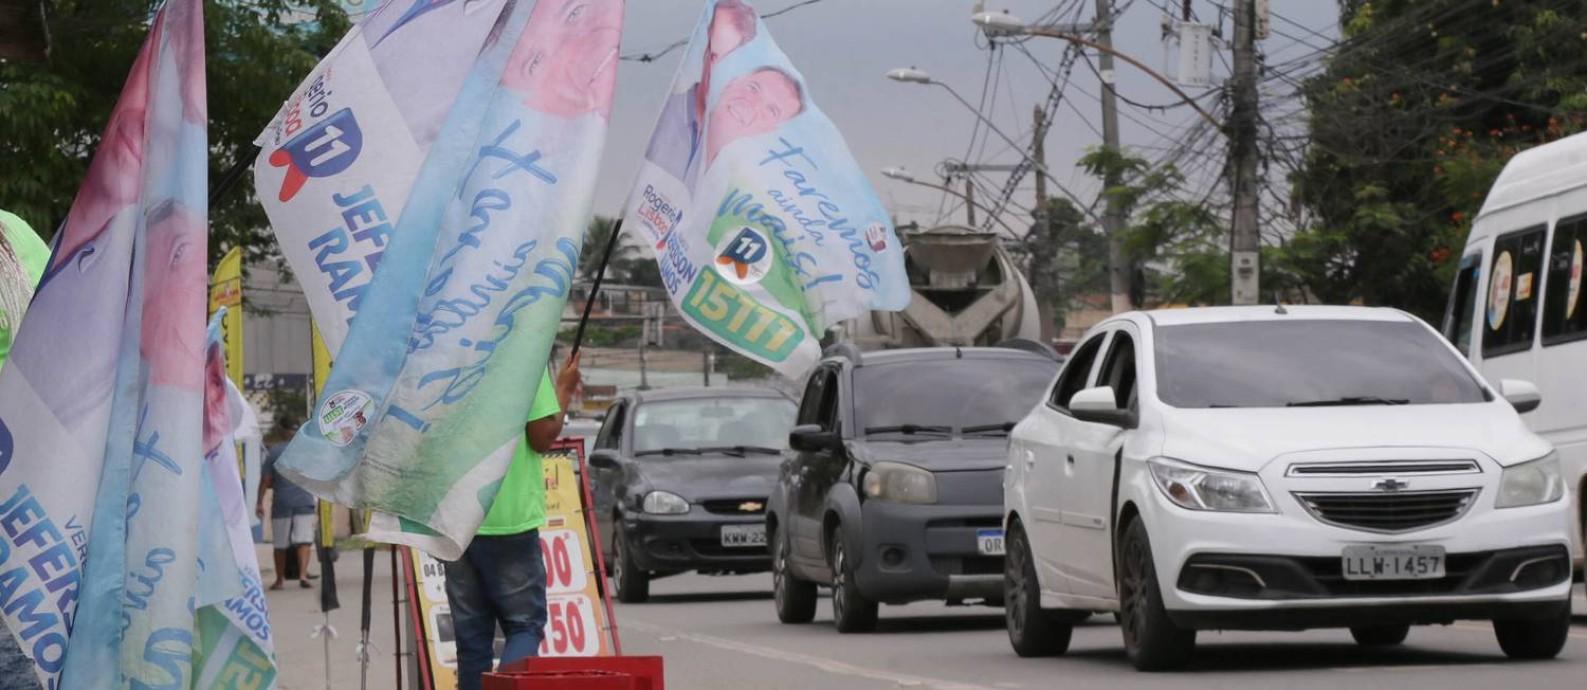 Campanha eleitoral em Valverde, que é área dominada por milícia em Nova Iguaçu Foto: Cléber Júnior / Agência O Globo